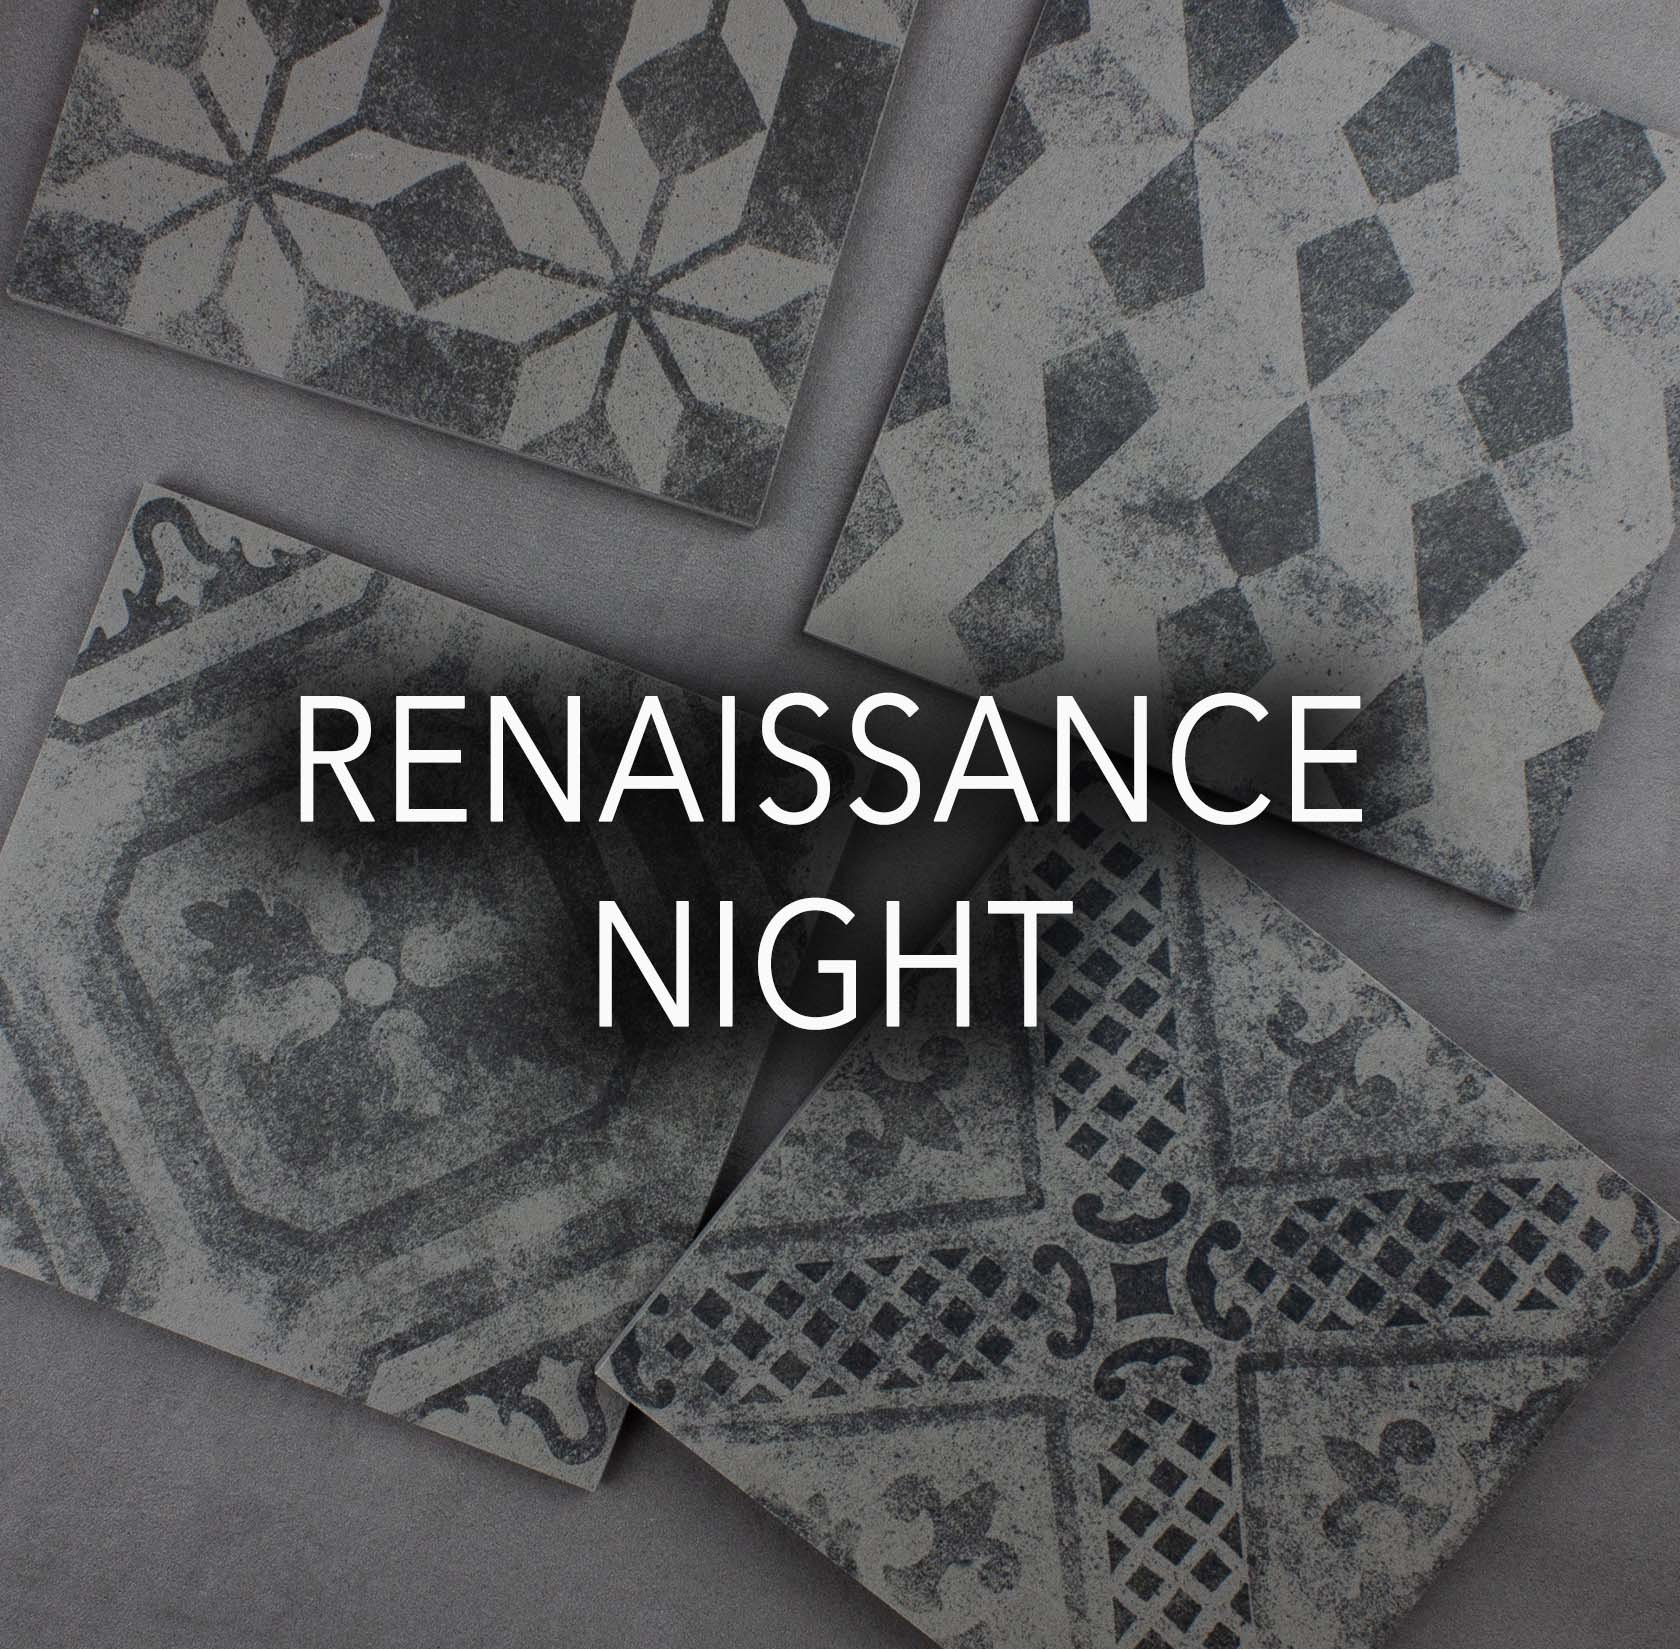 Renaissance Night Porcelain Tiles